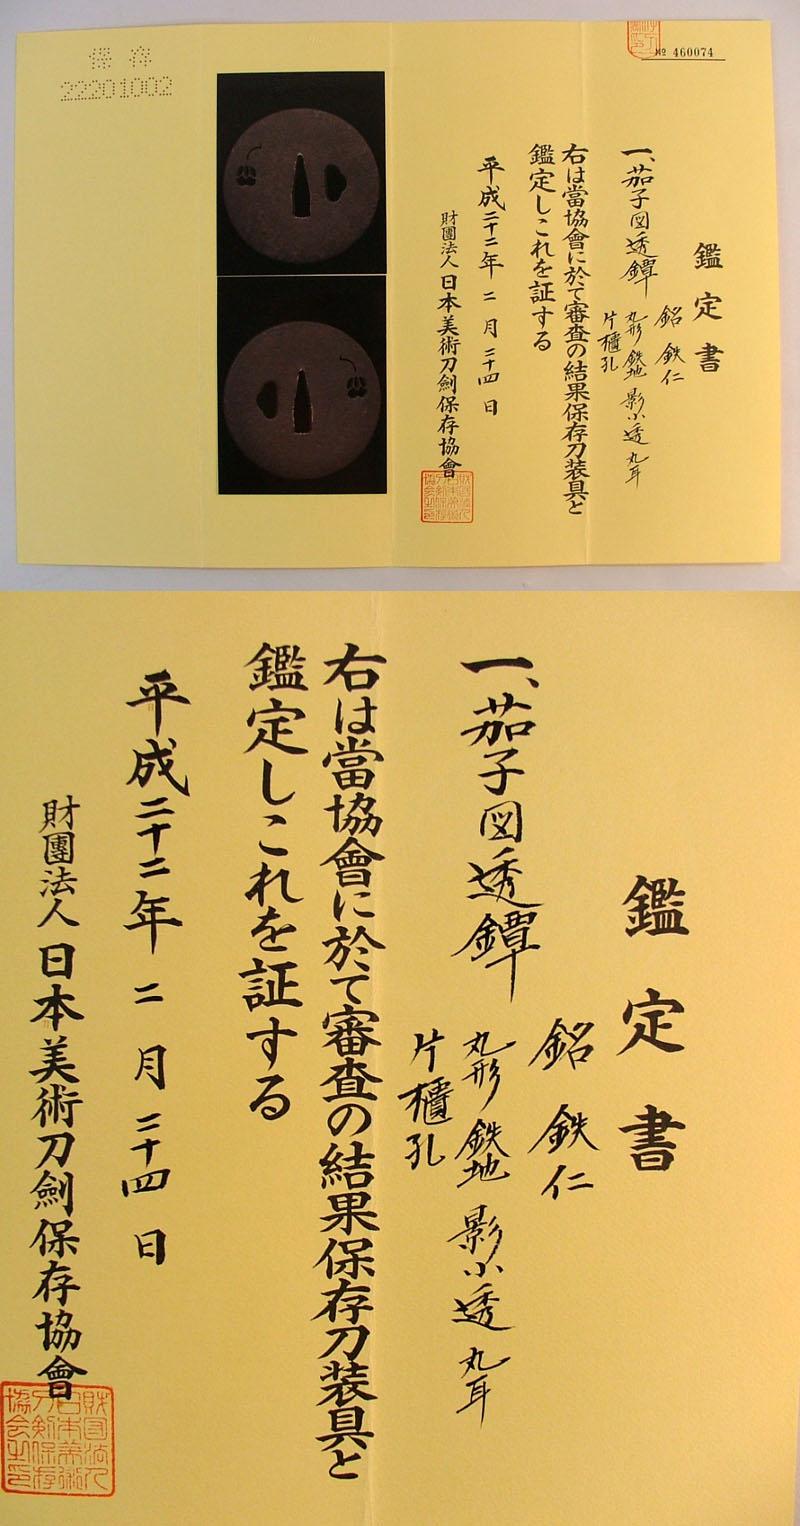 茄子図透鍔 鉄仁 Picture of Certificate